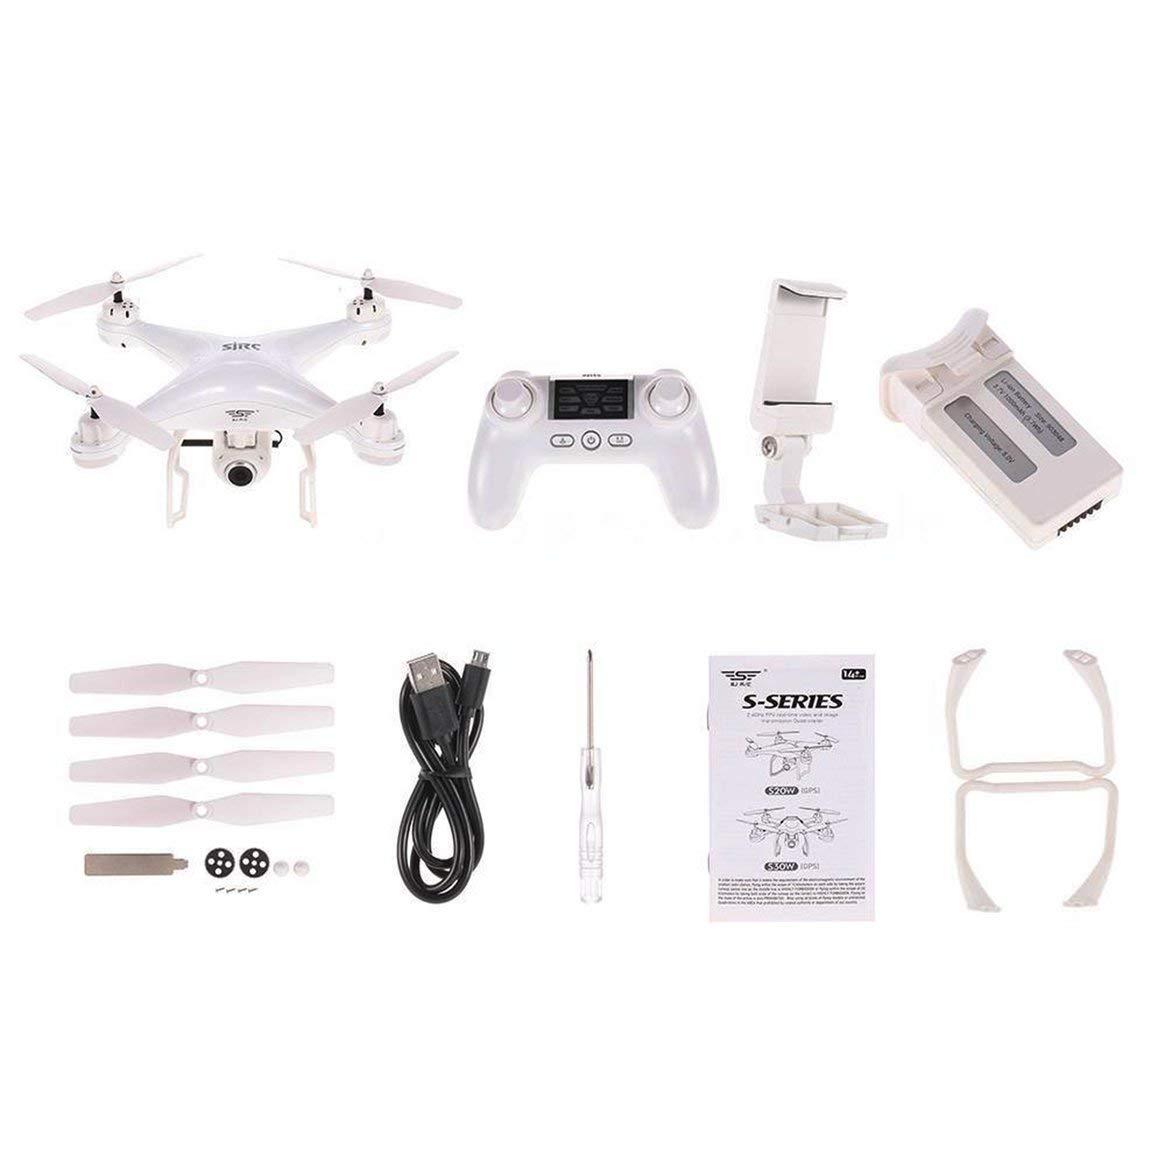 minoristas en línea 4 Ejes 720P S20W Doble GPS GPS GPS dinámico Seguir WiFi FPV Drone Quad Copter 120 Grados Gran Angular RC helicópteros Aviones - Blanco  los nuevos estilos calientes